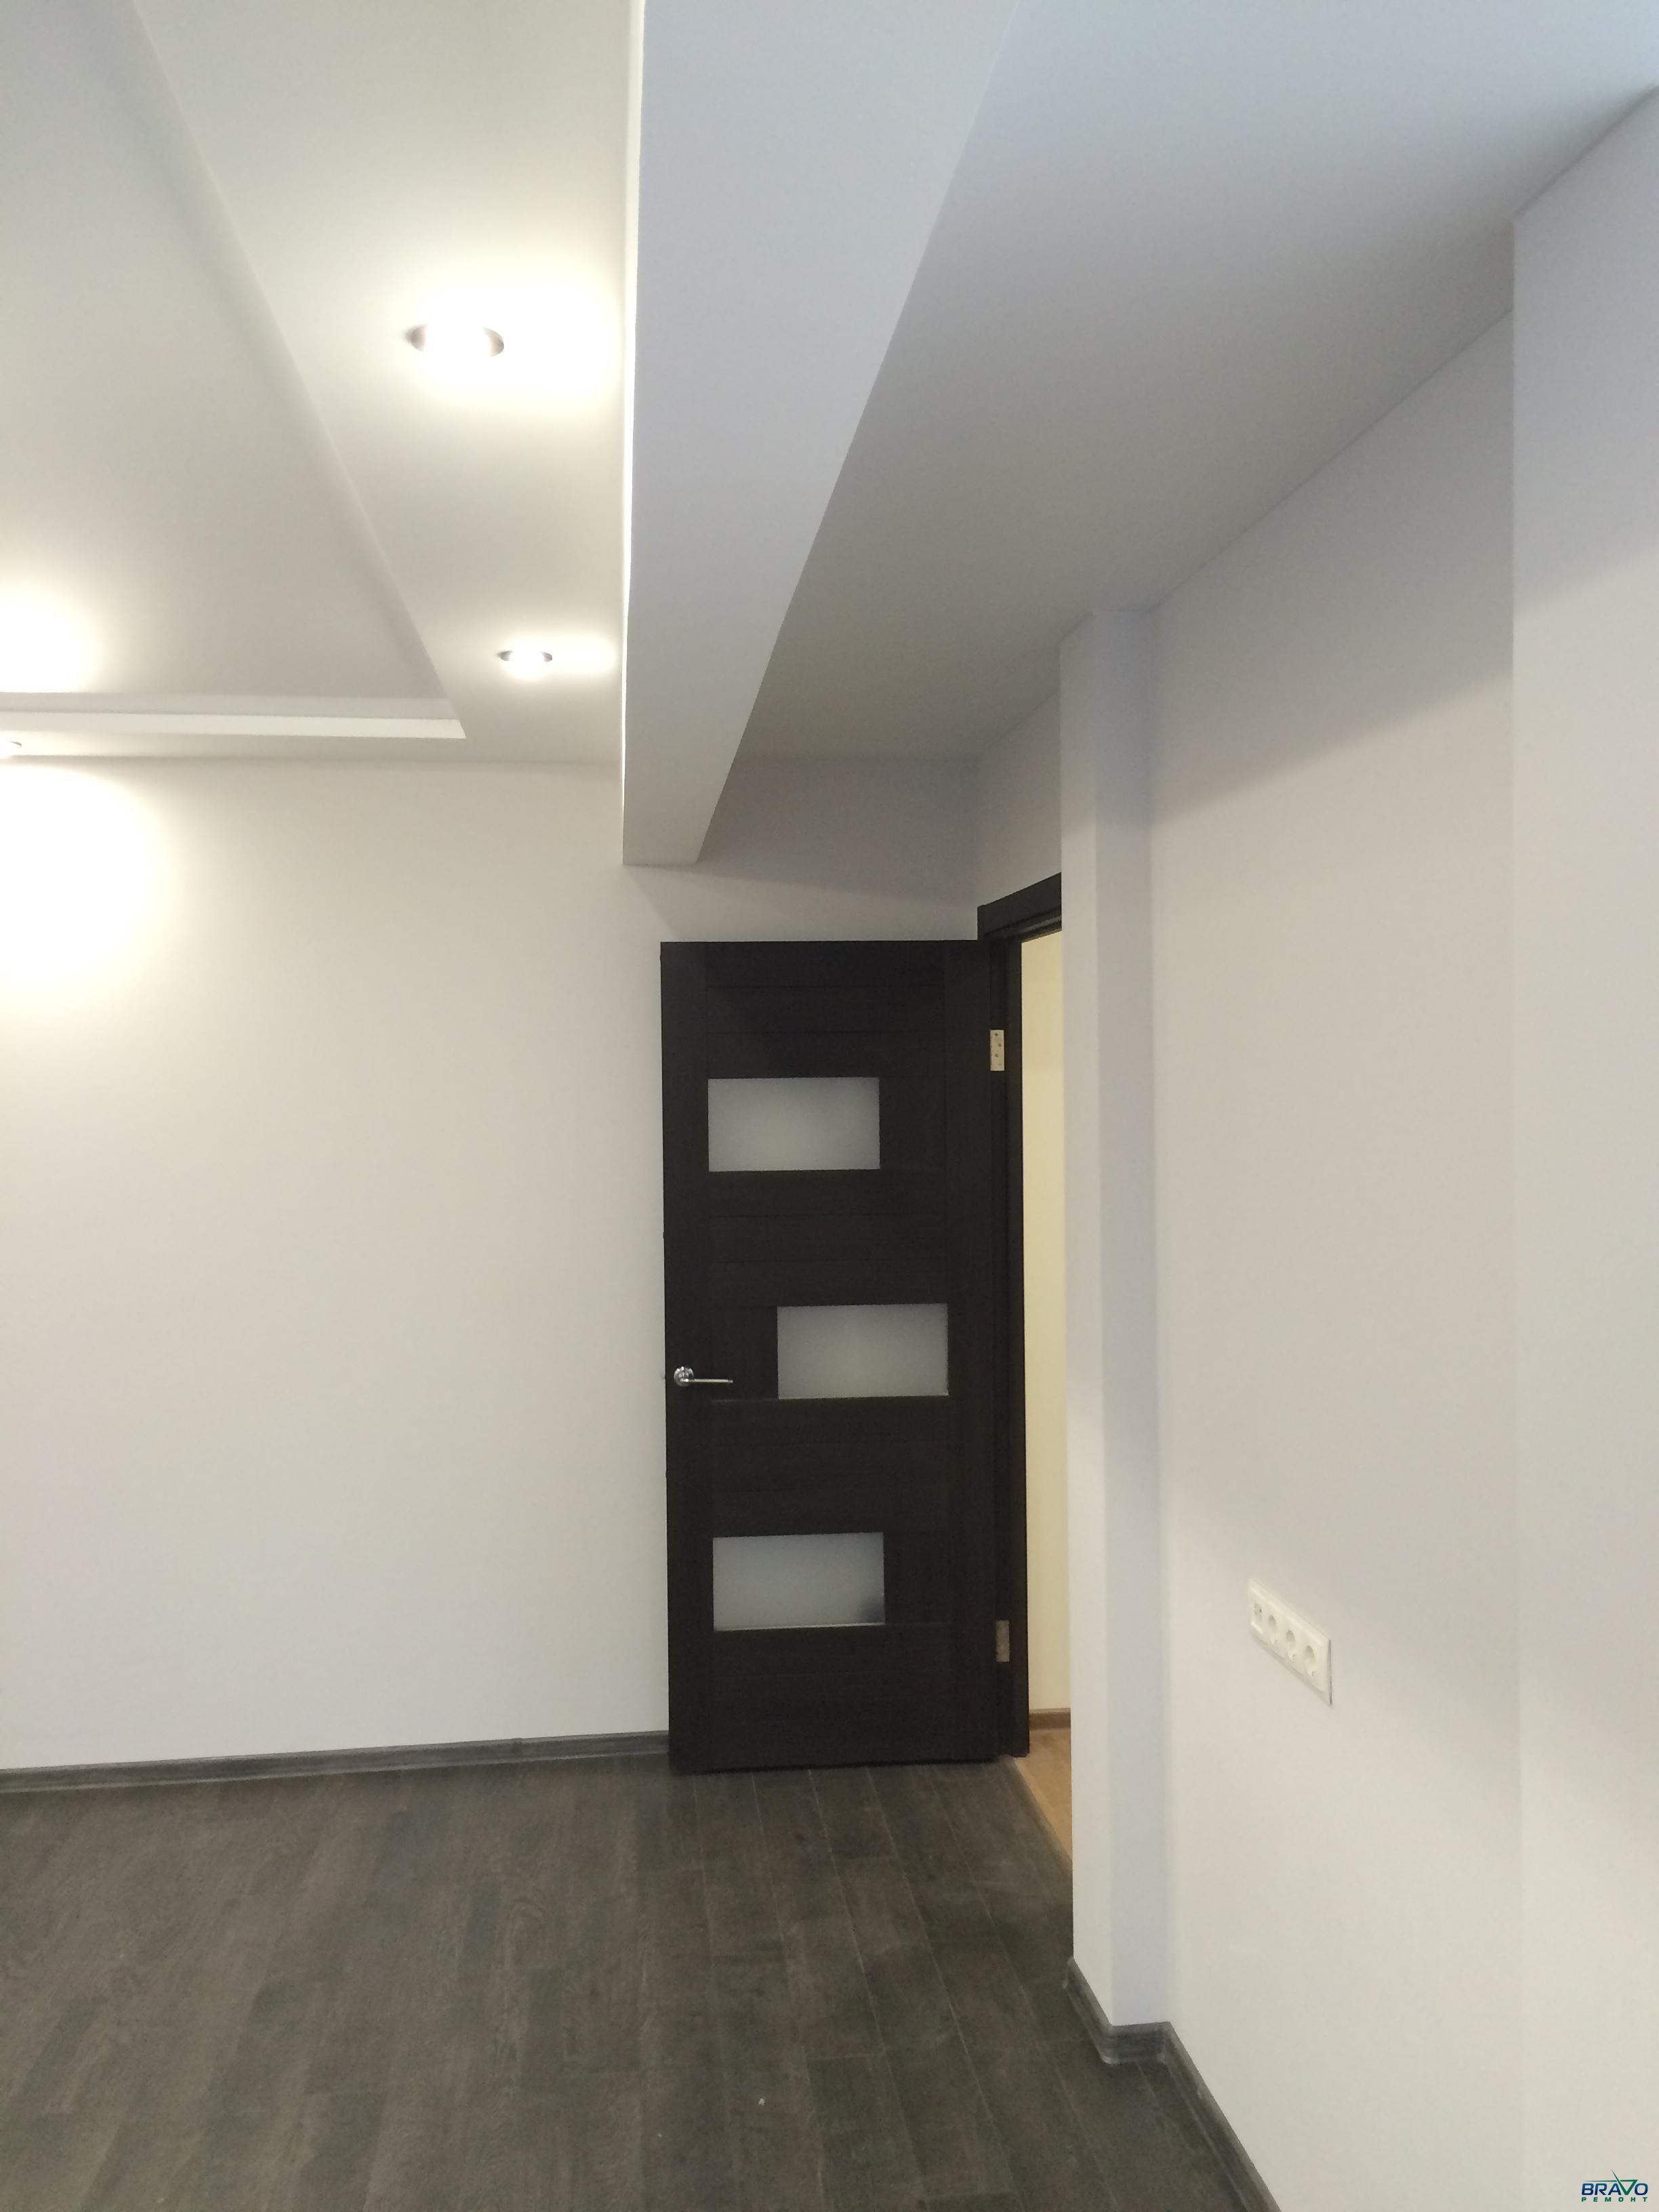 Капитальный ремонт квартир в Москве - YouTube